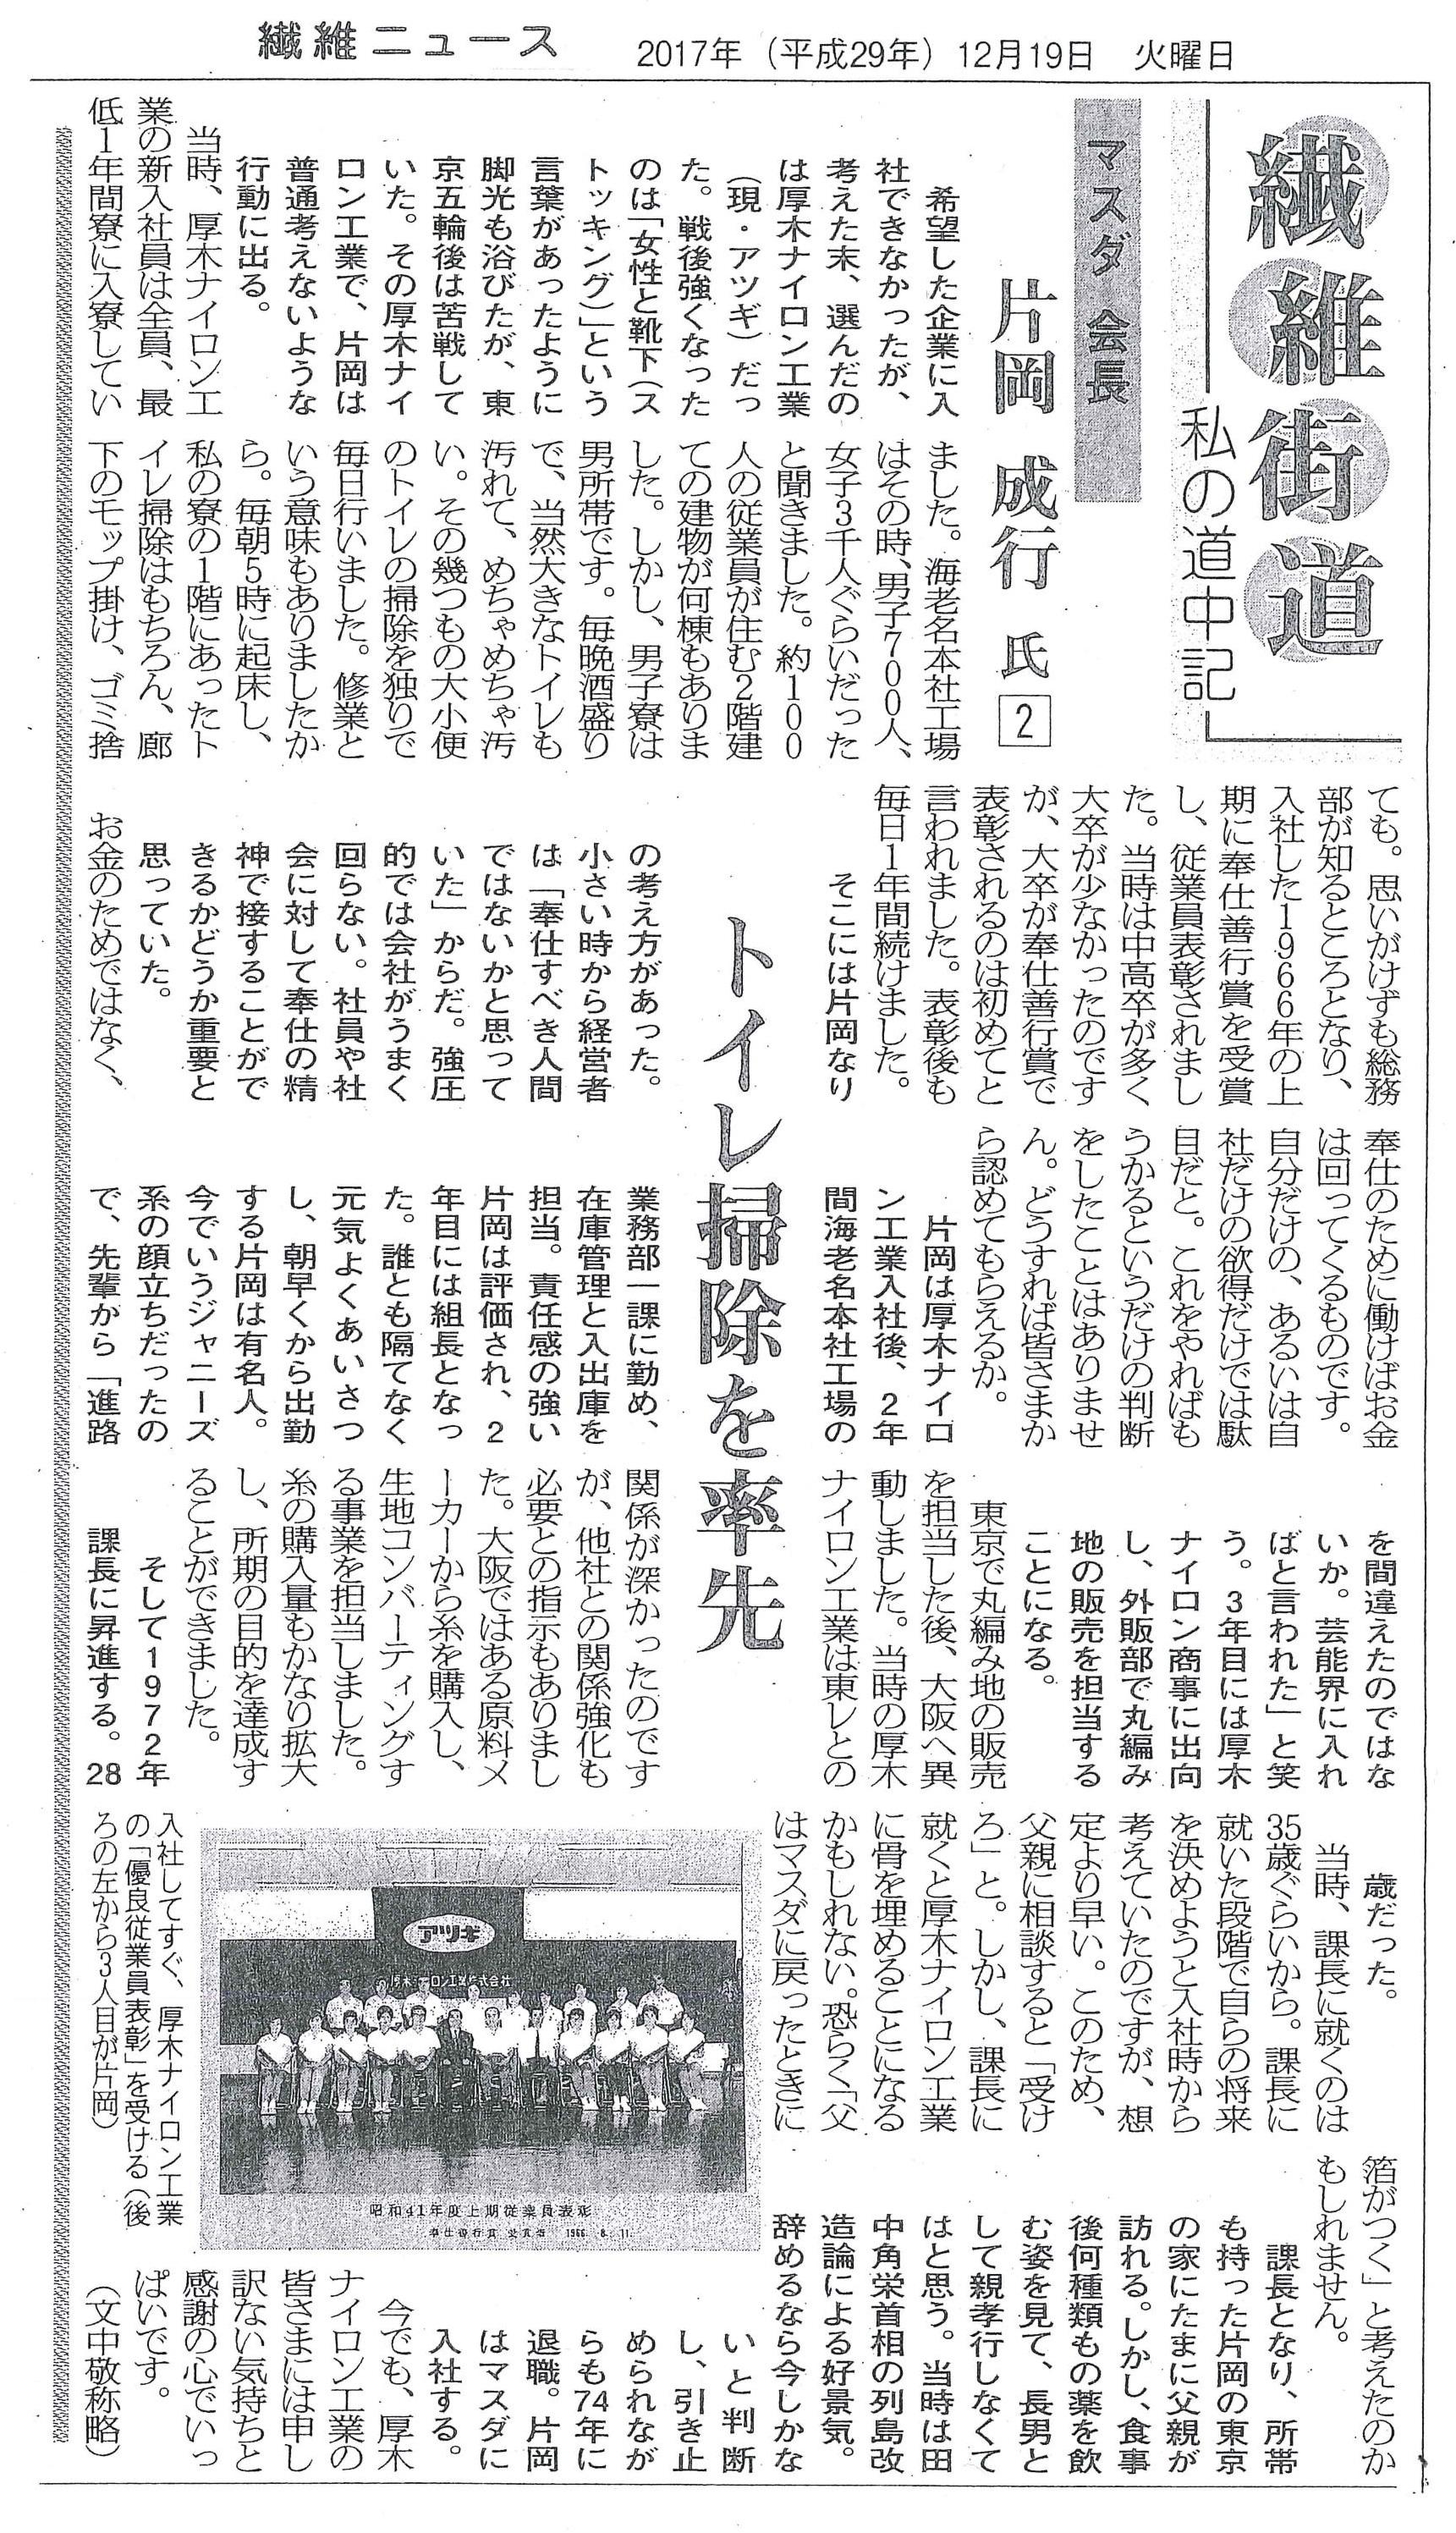 【繊維ニュース】繊維街道「片岡成行②」